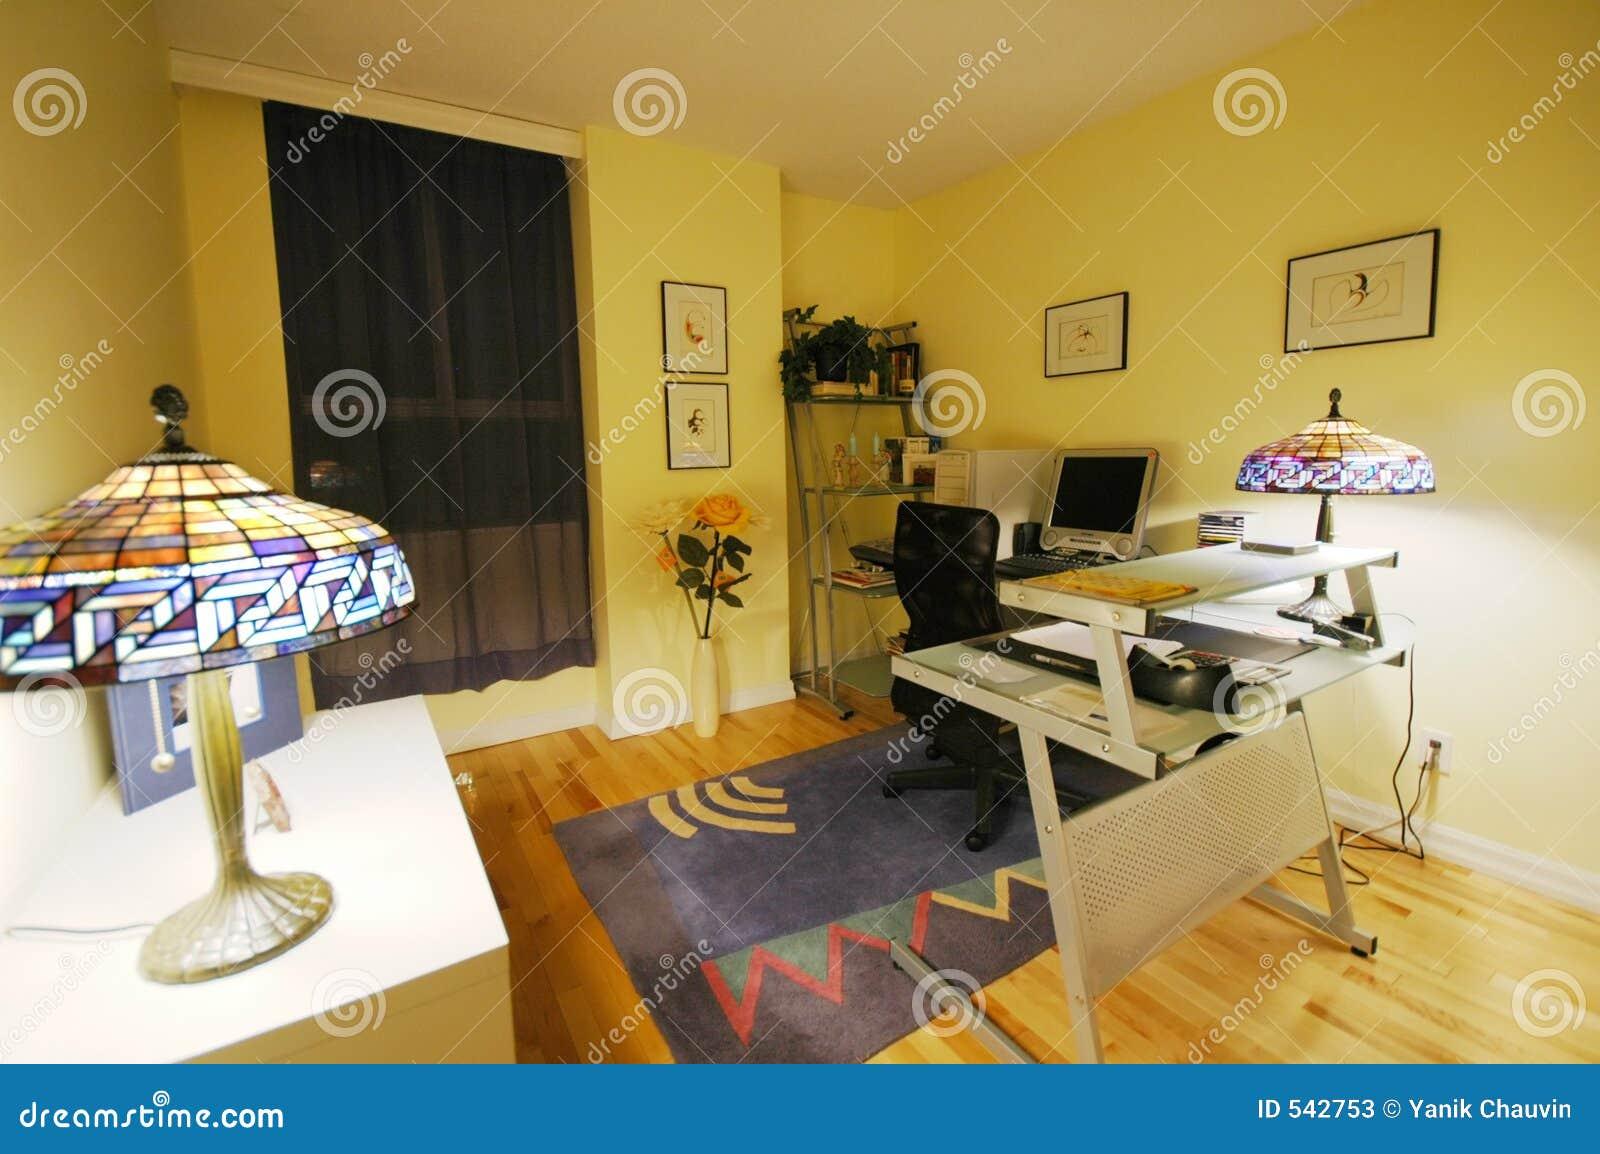 Download 计算机室 库存图片. 图片 包括有 闪亮指示, 房子, 拱道, 服务台, 地毯, 黄色, 椅子, 公寓房, 钉书匠 - 542753